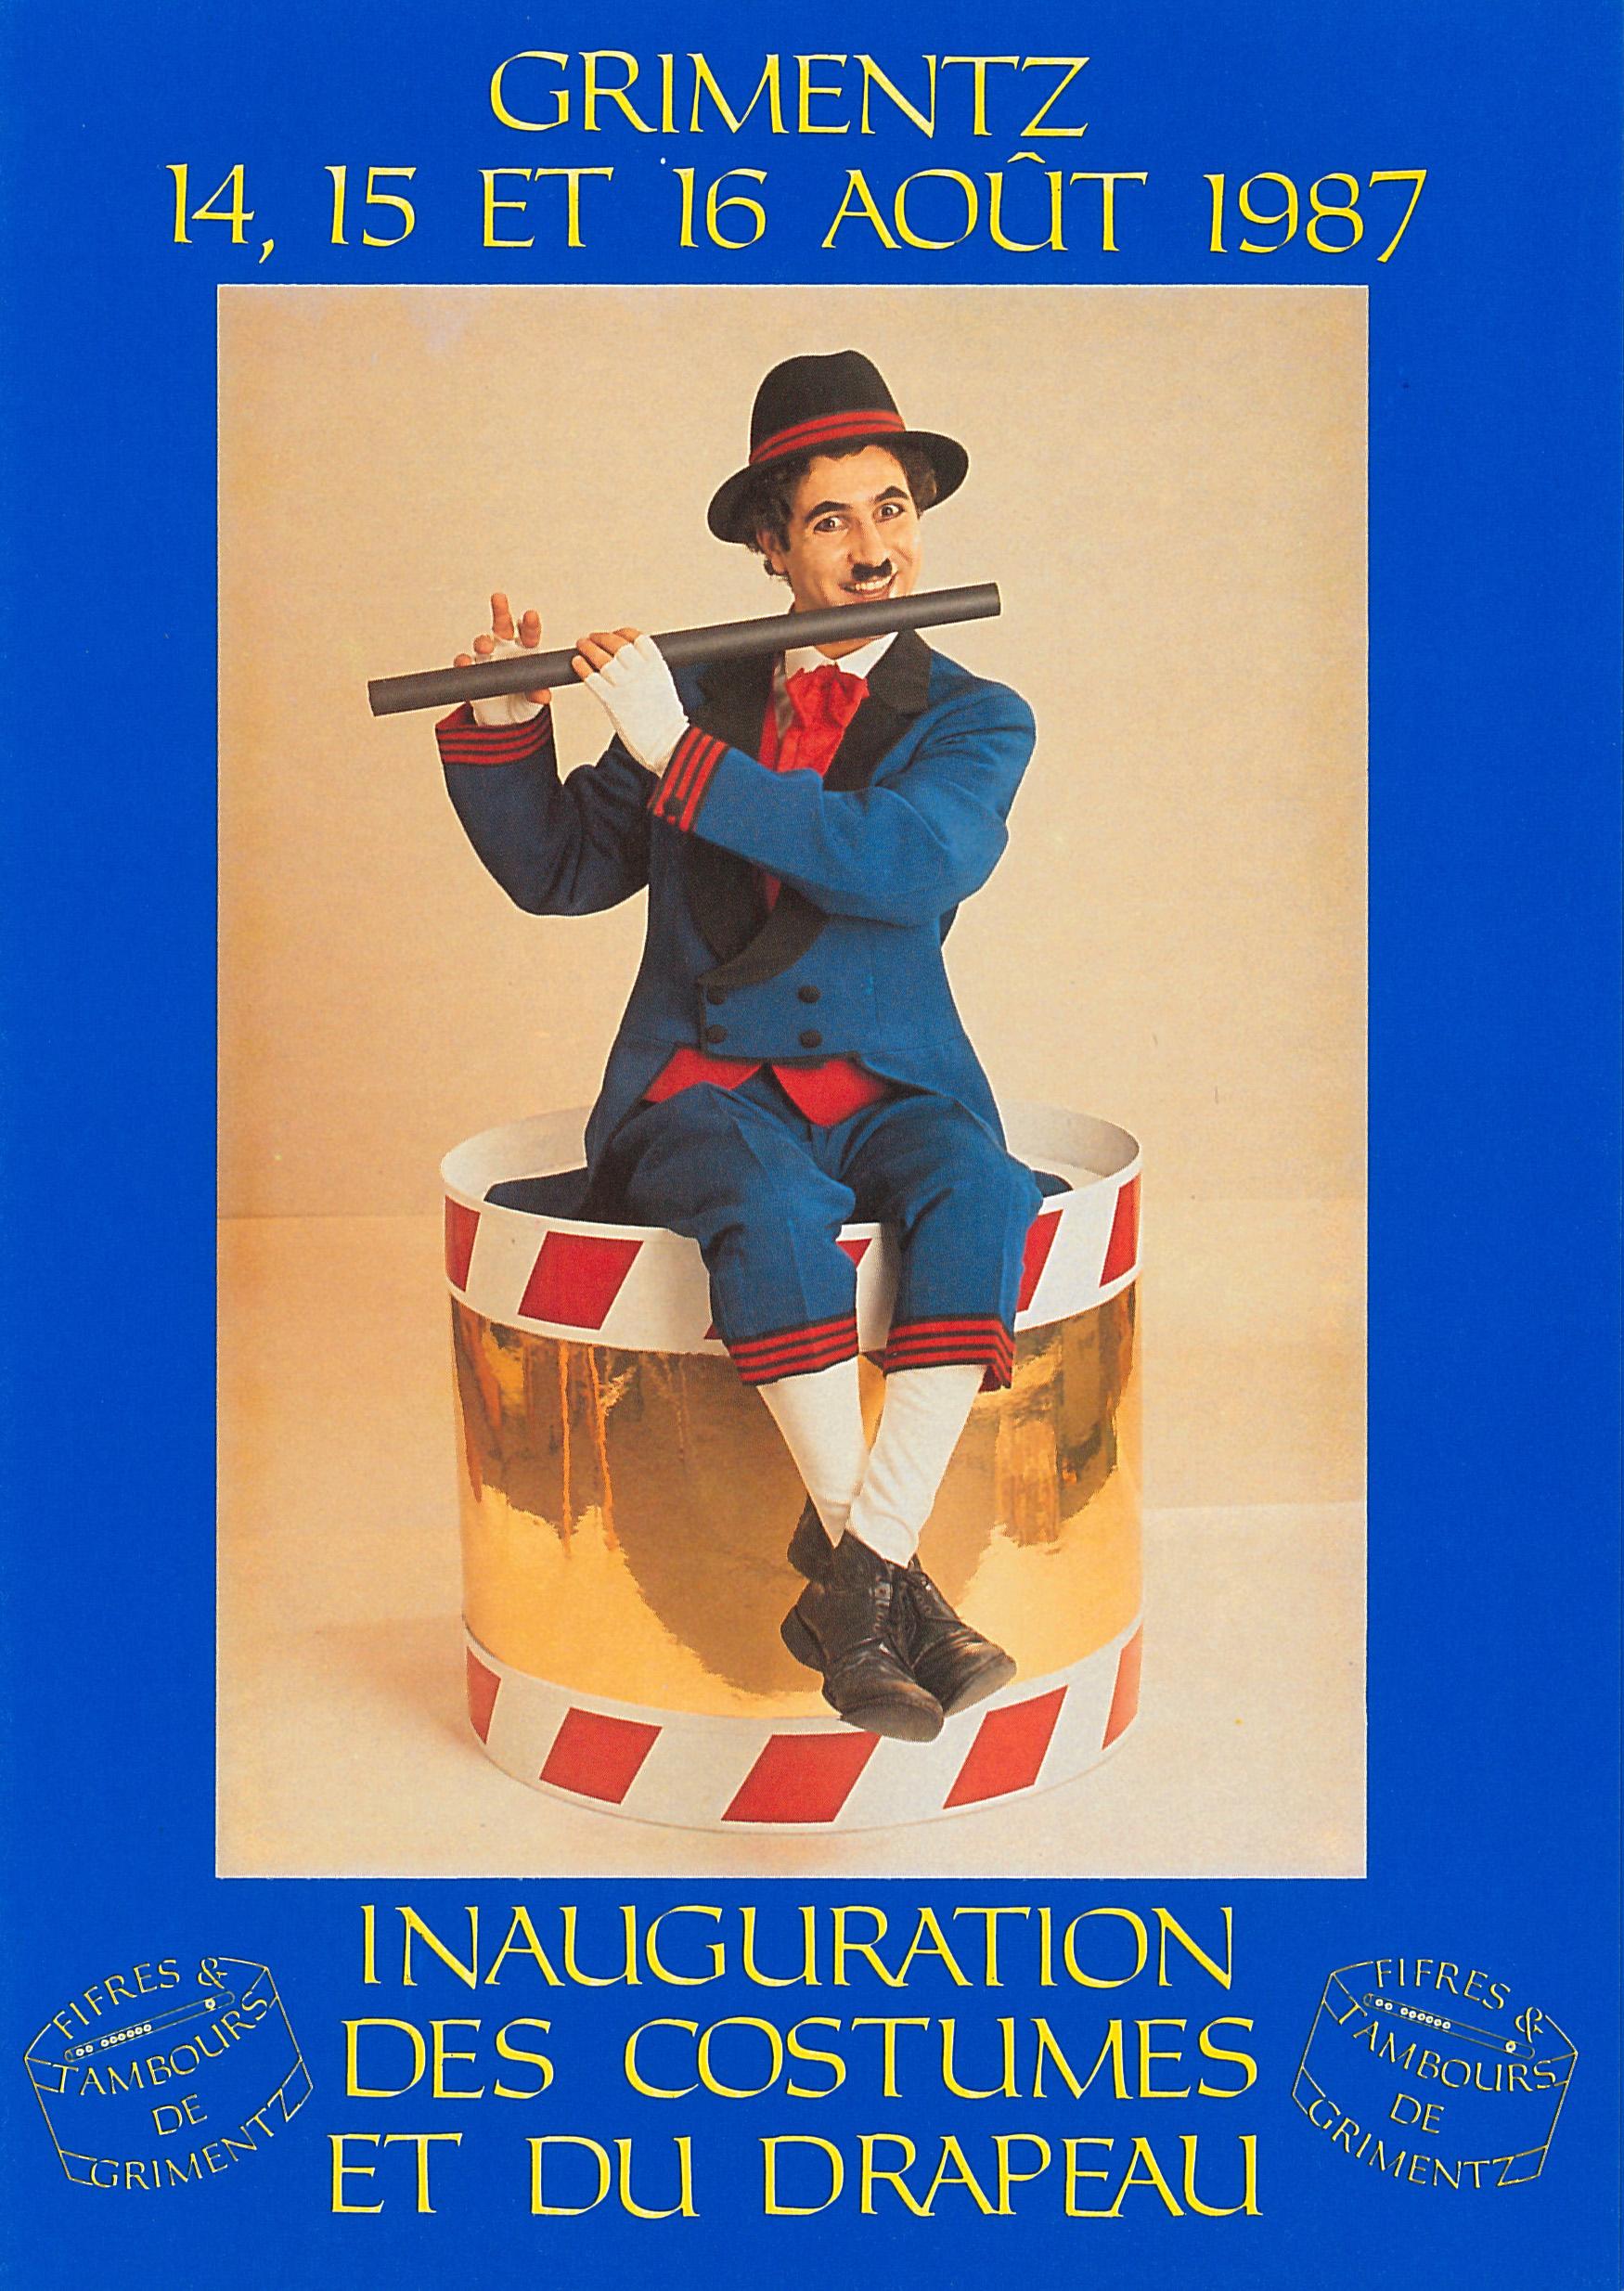 Affiche pour l'inauguration des costumes de 1987